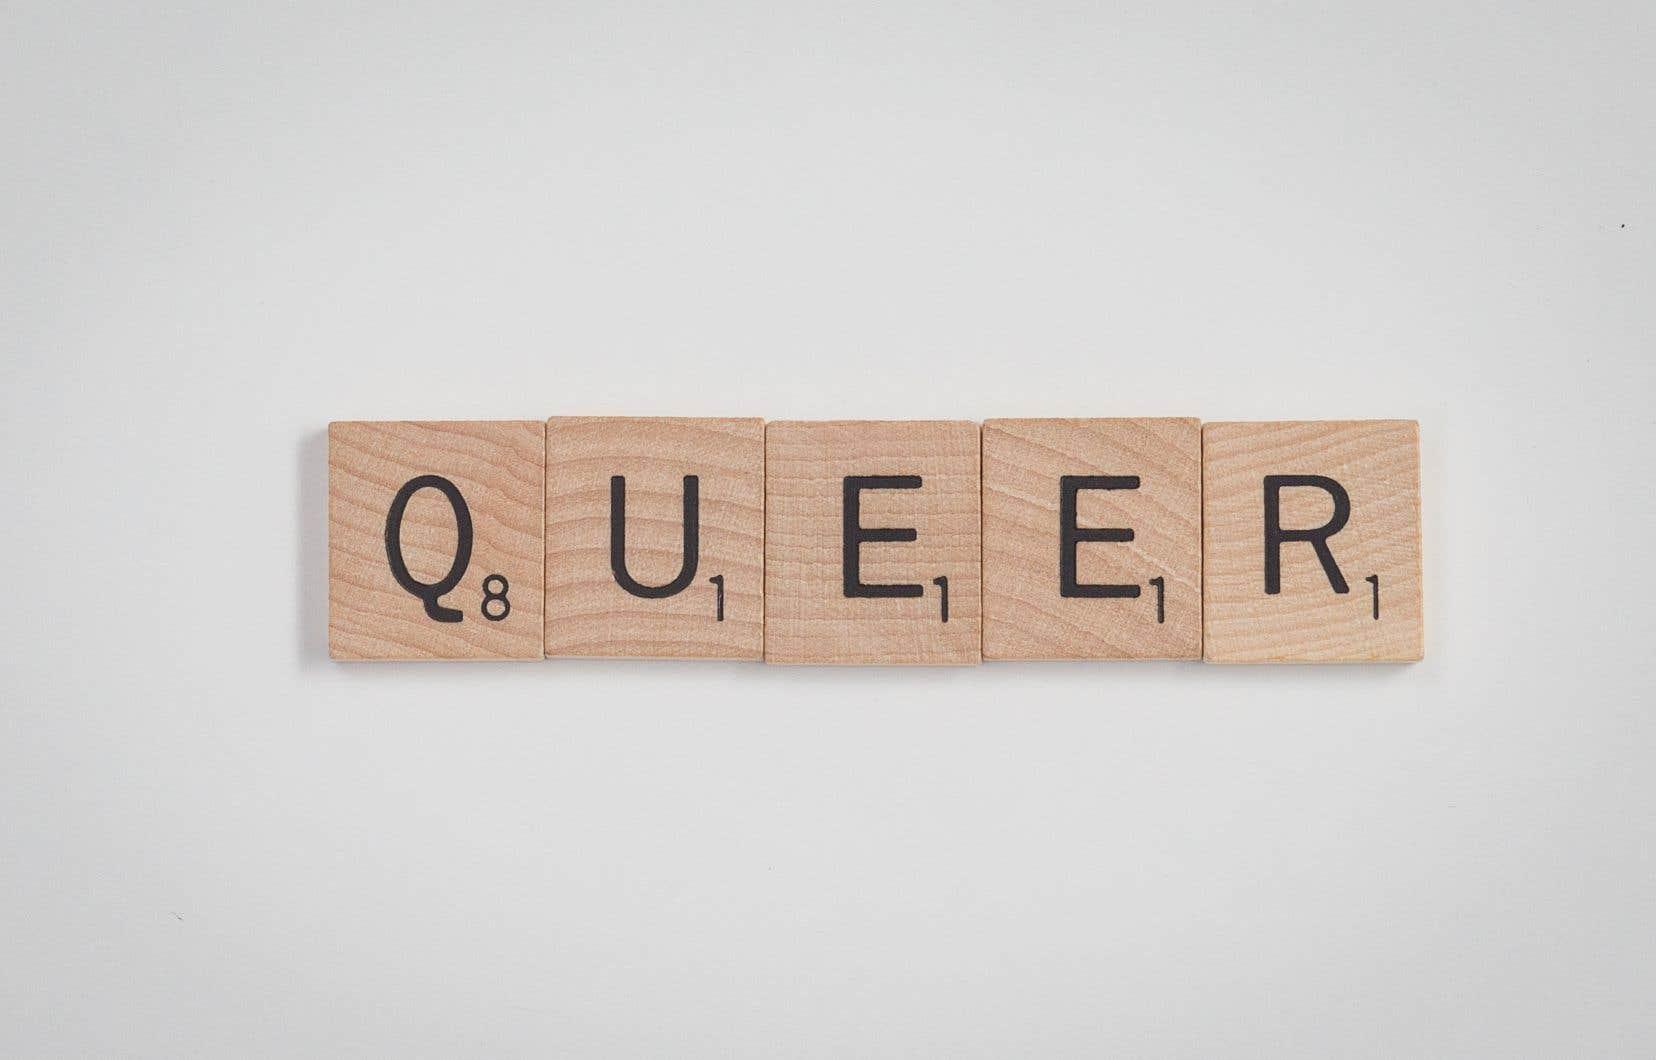 Le lexique canadien sur la diversité propose une définition simple: queer se dit d'«une personne dont l'orientation sexuelle ou l'identité de genre diffère de la vision binaire normative des genres et des sexualités».